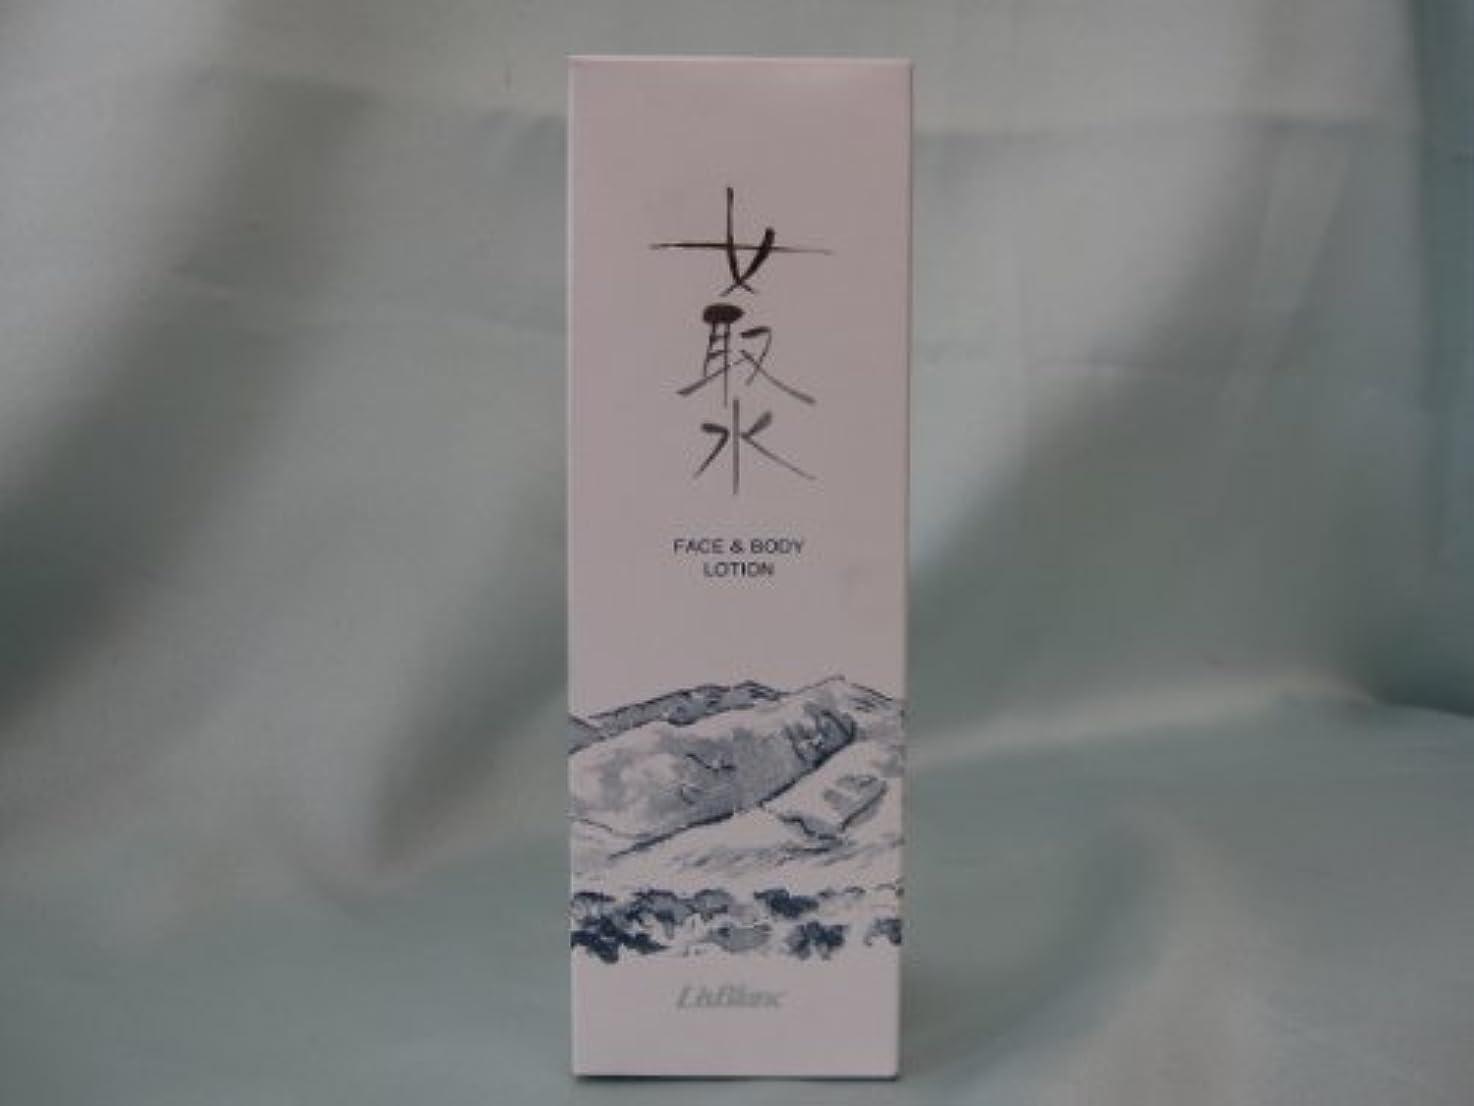 スラダムミュウミュウクロールリスブラン 女取水 めとりすい 400mL 全身用化粧水